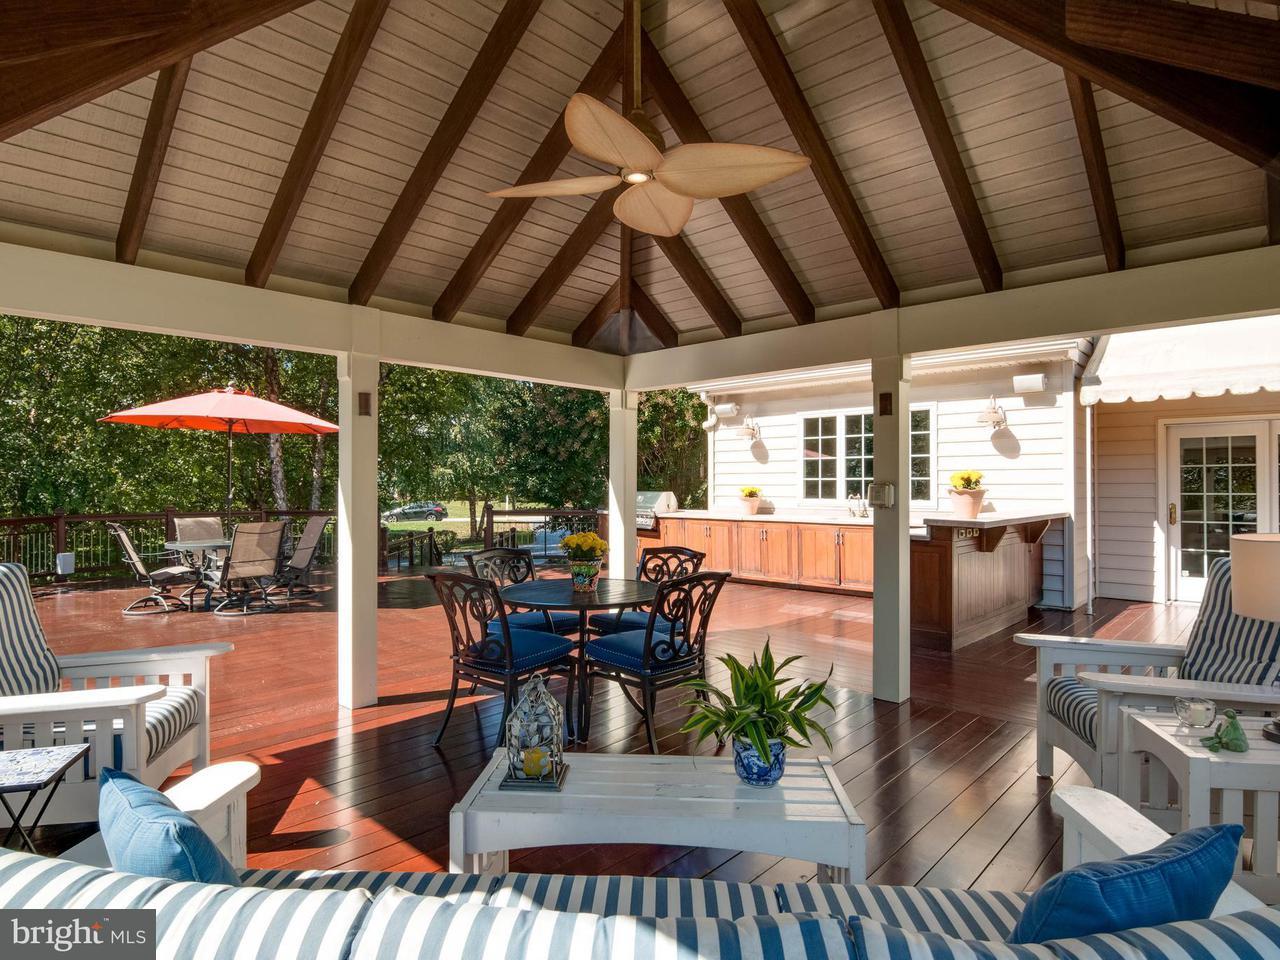 Μονοκατοικία για την Πώληση στο 11401 Foxtrot Court 11401 Foxtrot Court Sparks, Μεριλαντ 21152 Ηνωμενεσ Πολιτειεσ